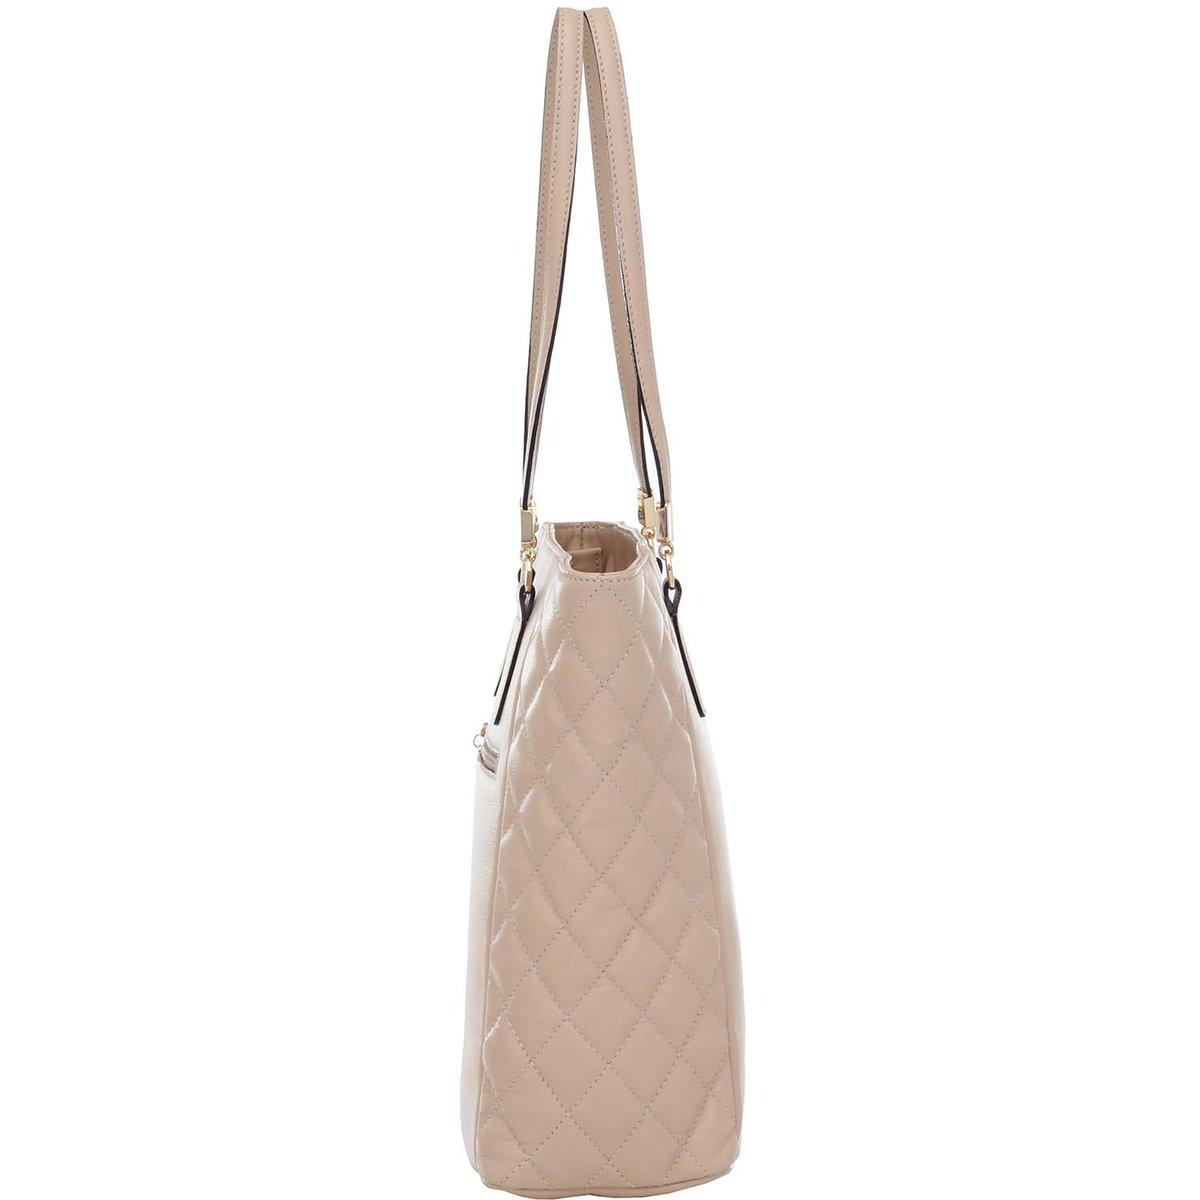 dfc6d08dc9 Bolsa Smart Bag Couro Tiracolo - Compre Agora